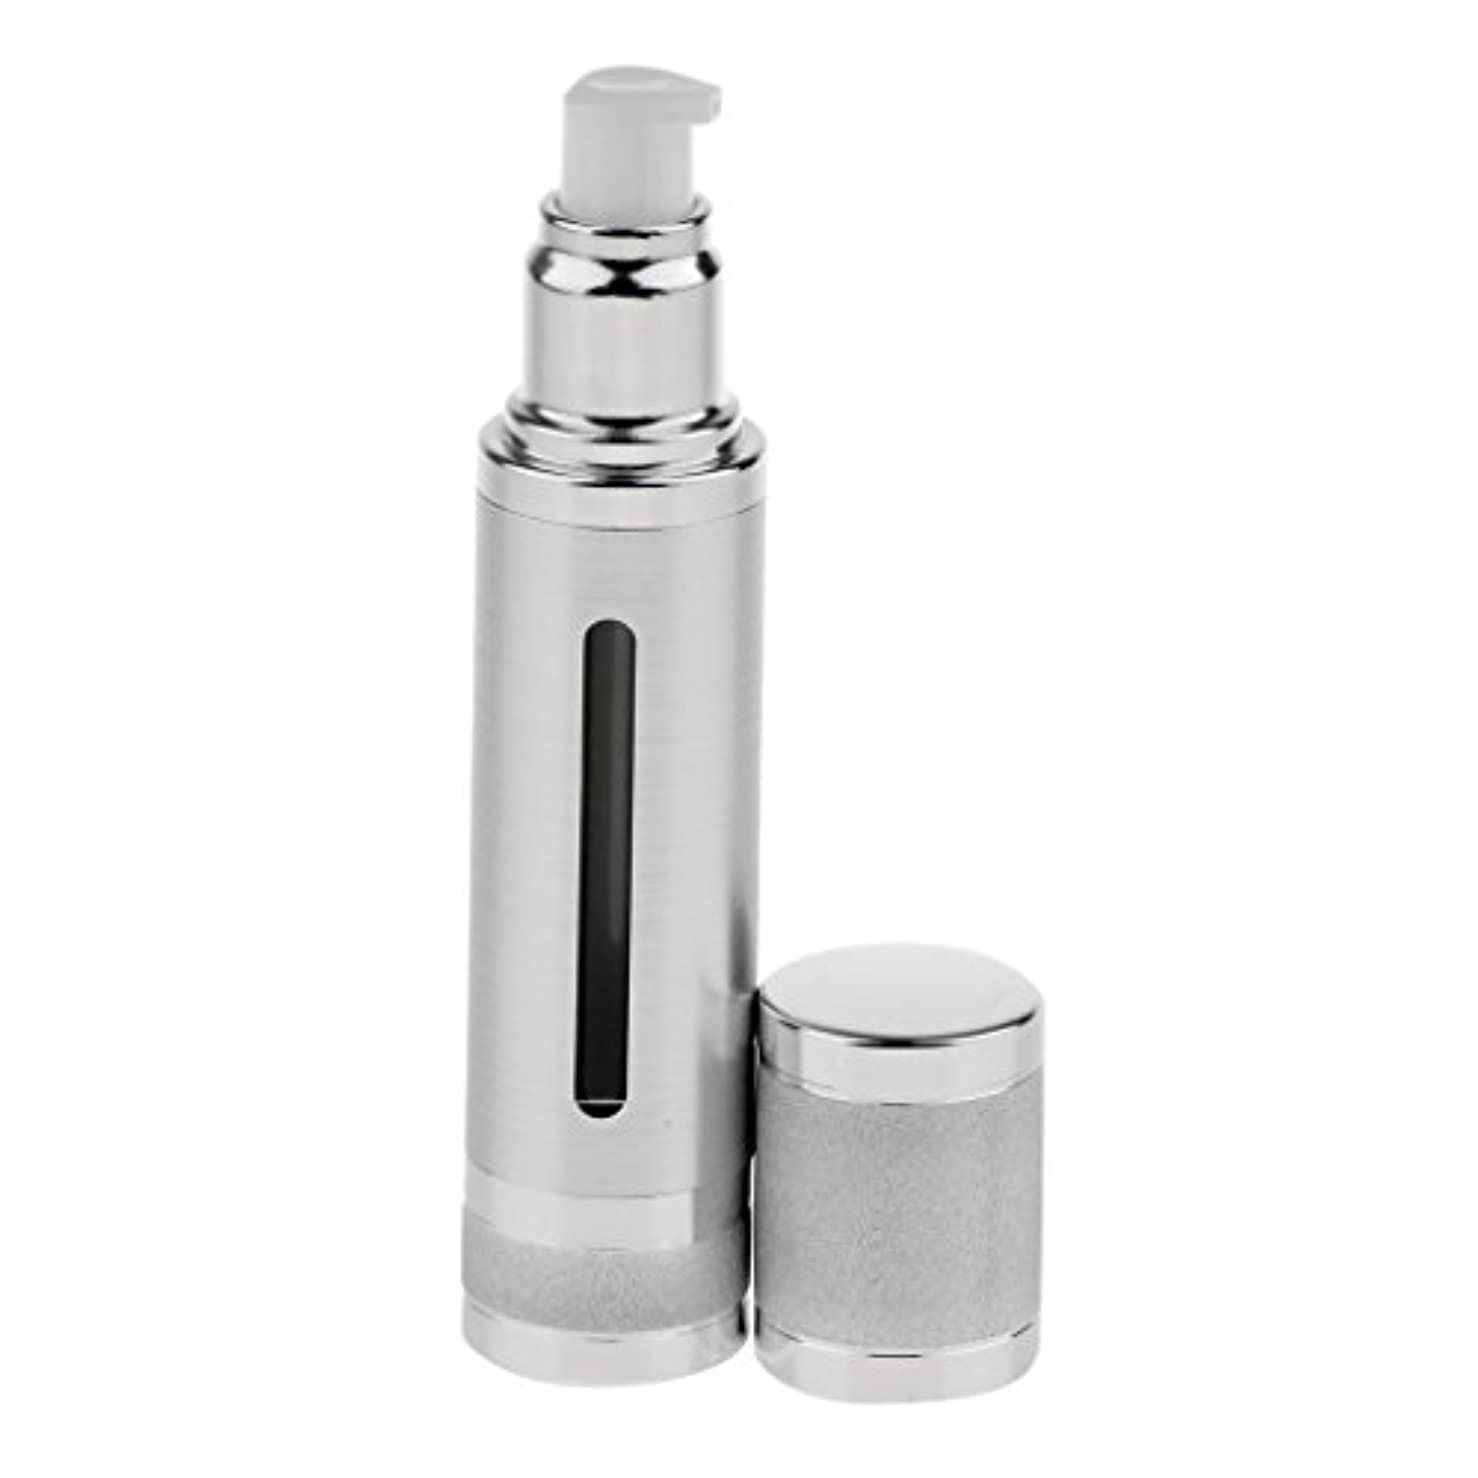 うなり声できない分析するエアレスボトル 50ml エアレス ポンプボトル ローション クリーム 化粧品 詰め替え可 容器 2色選べる - 銀